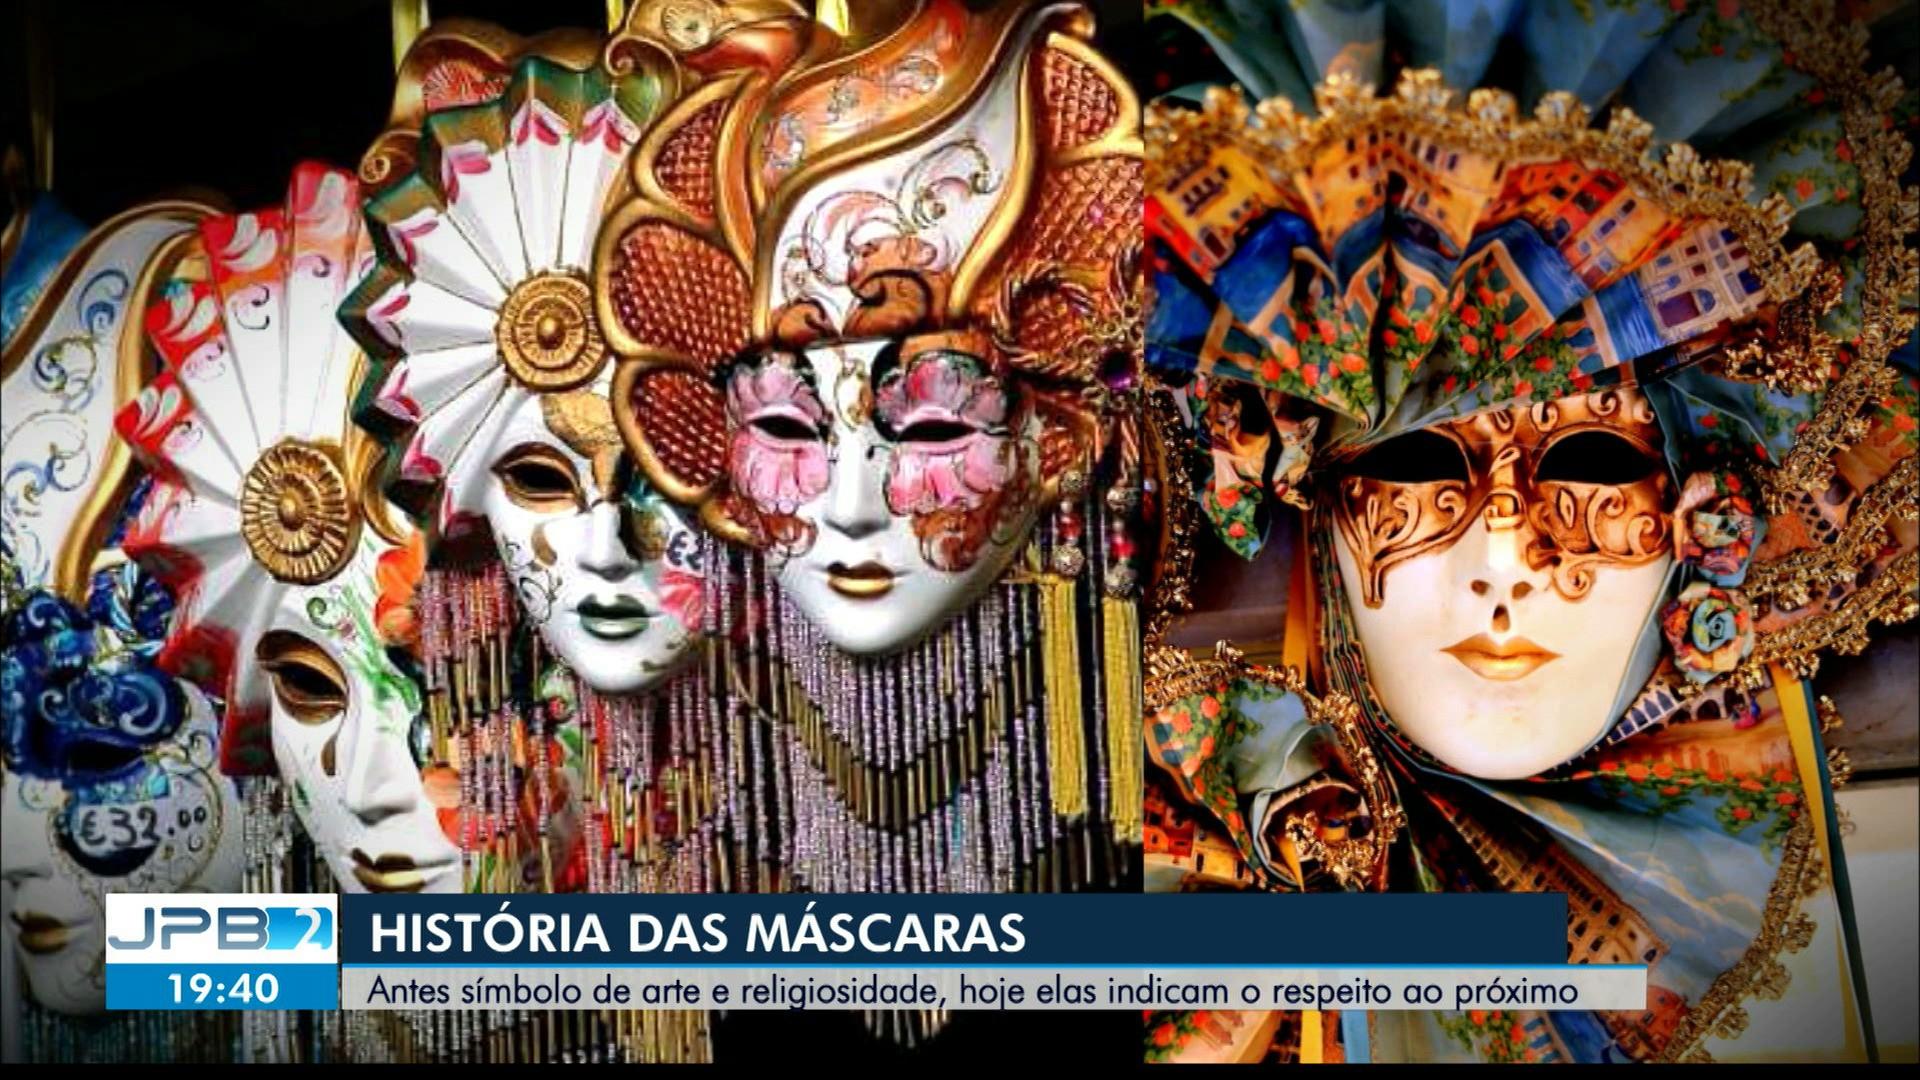 VÍDEOS: JPB2 (TV Cabo Branco) desta segunda-feira, 6 de julho